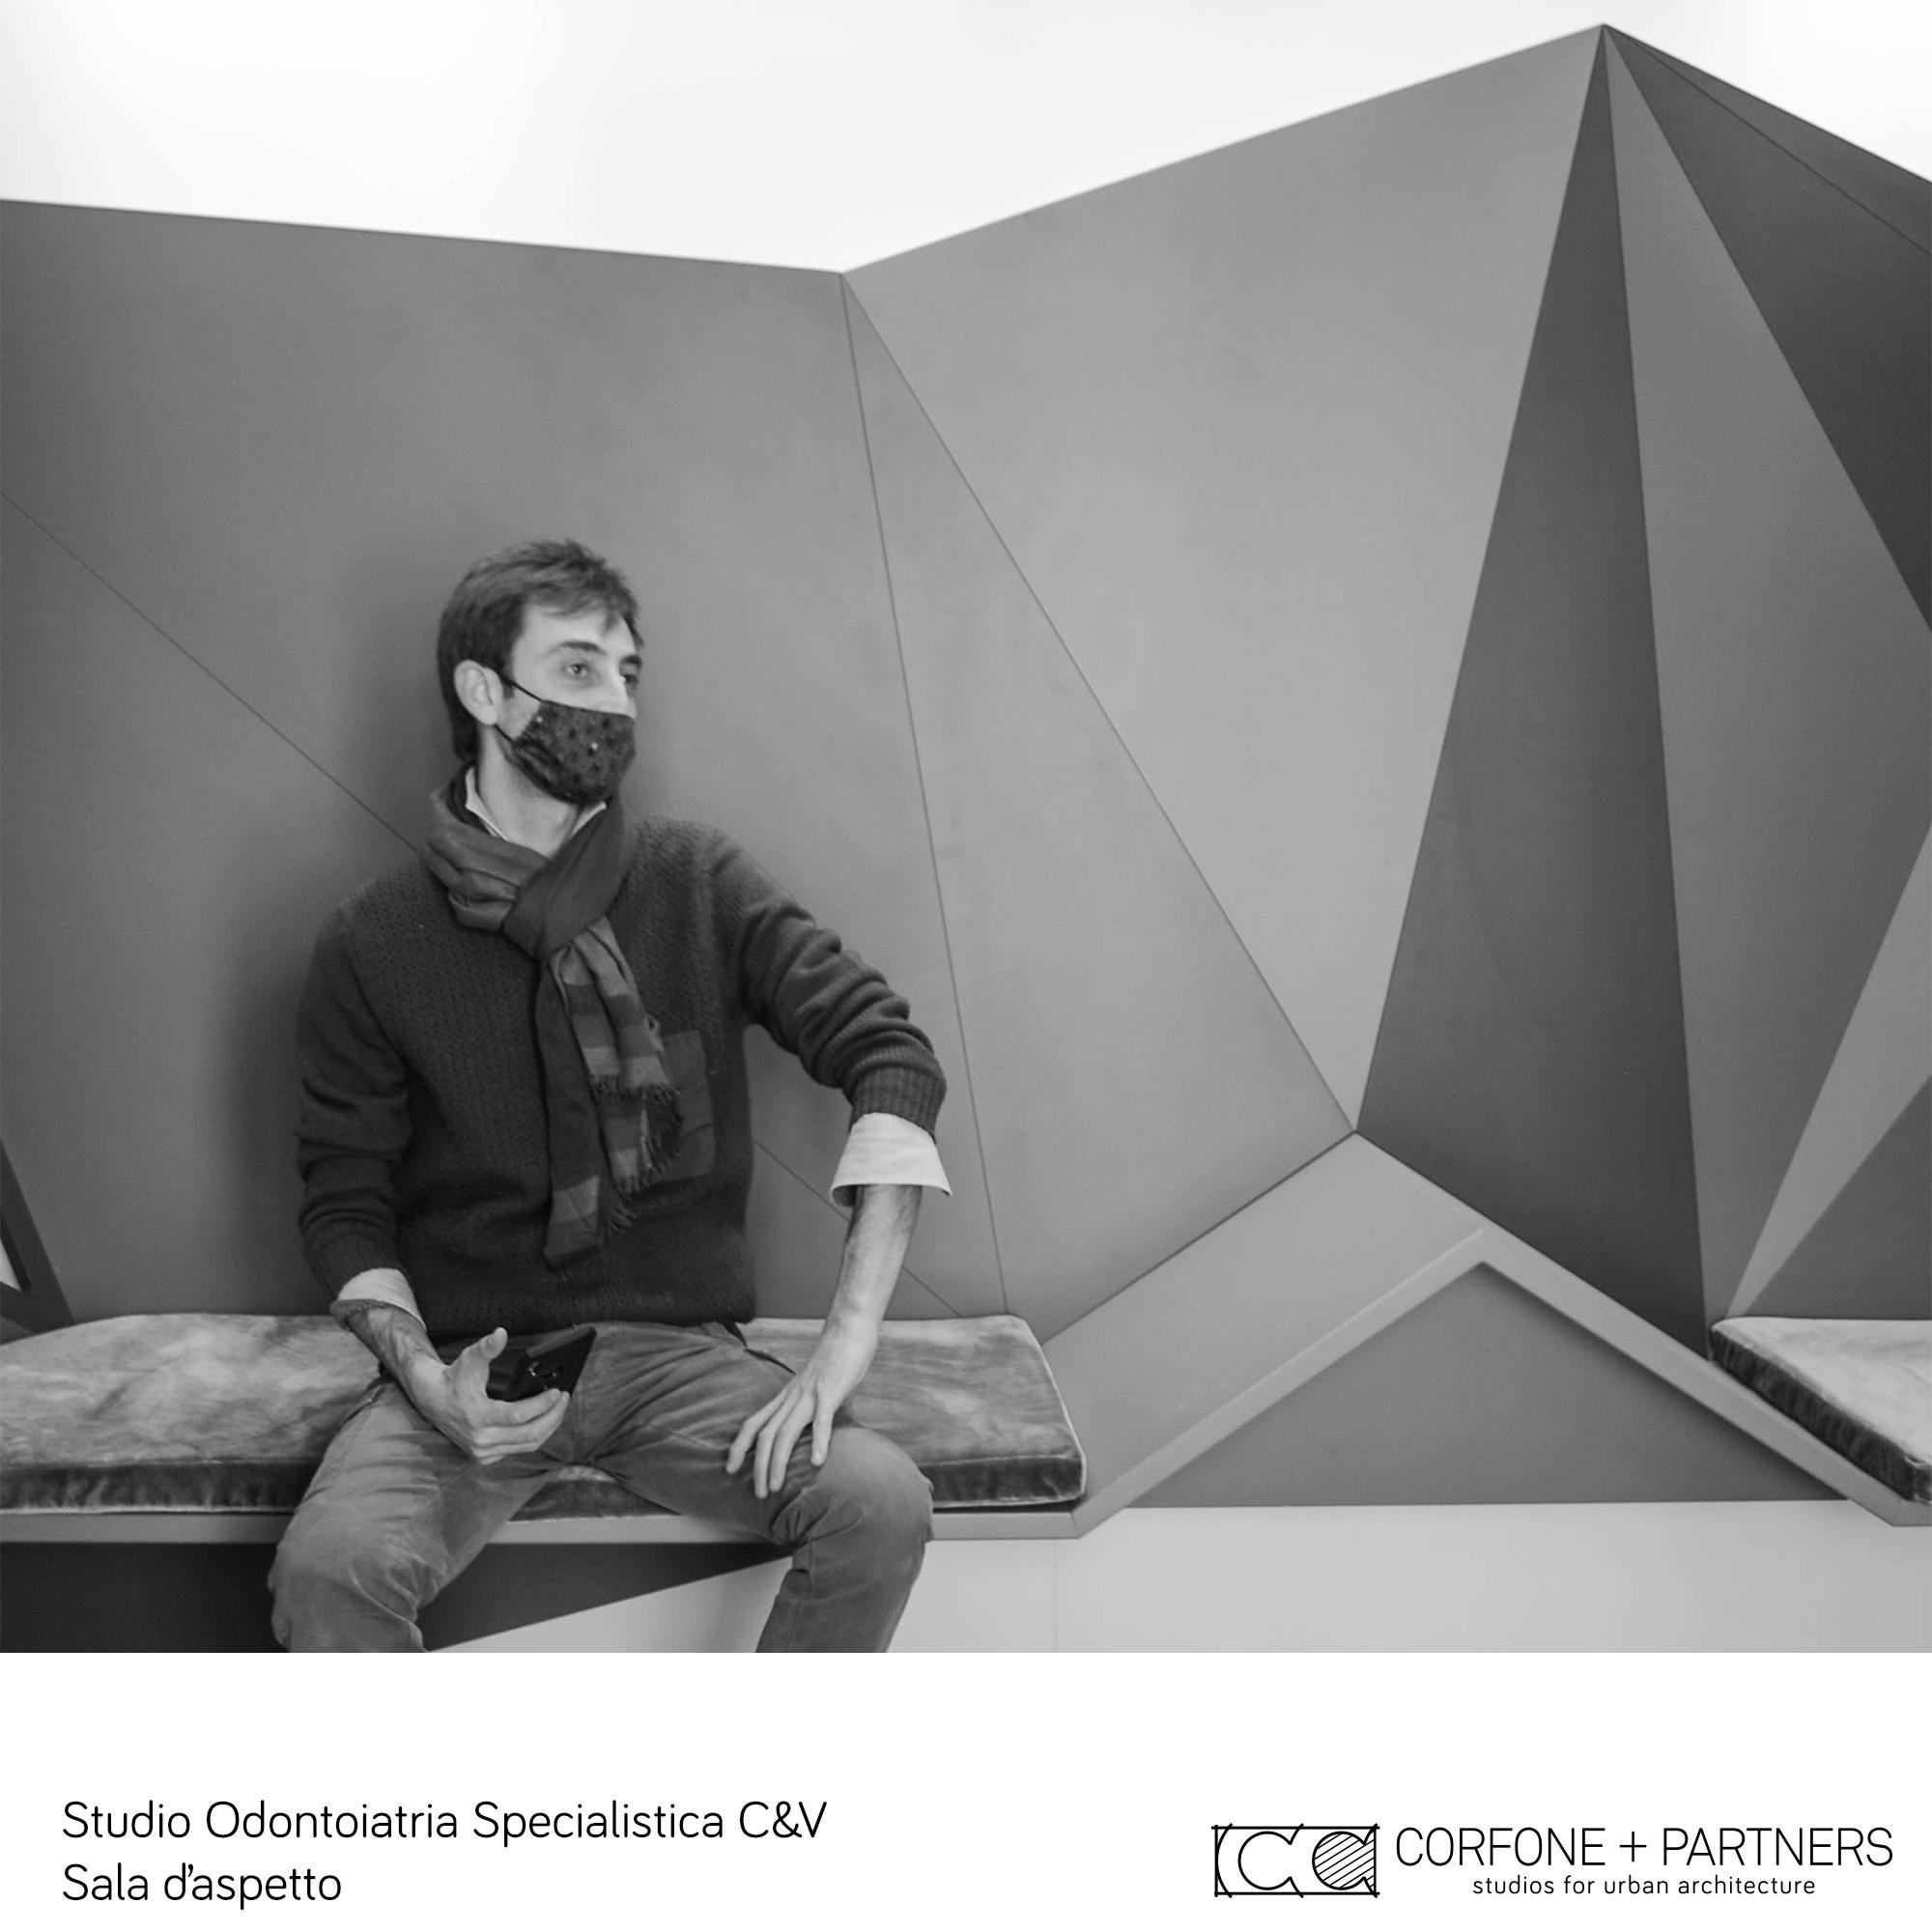 Architetto-Studio-Odontoiatria-Specialistica-Puglia-23 2000